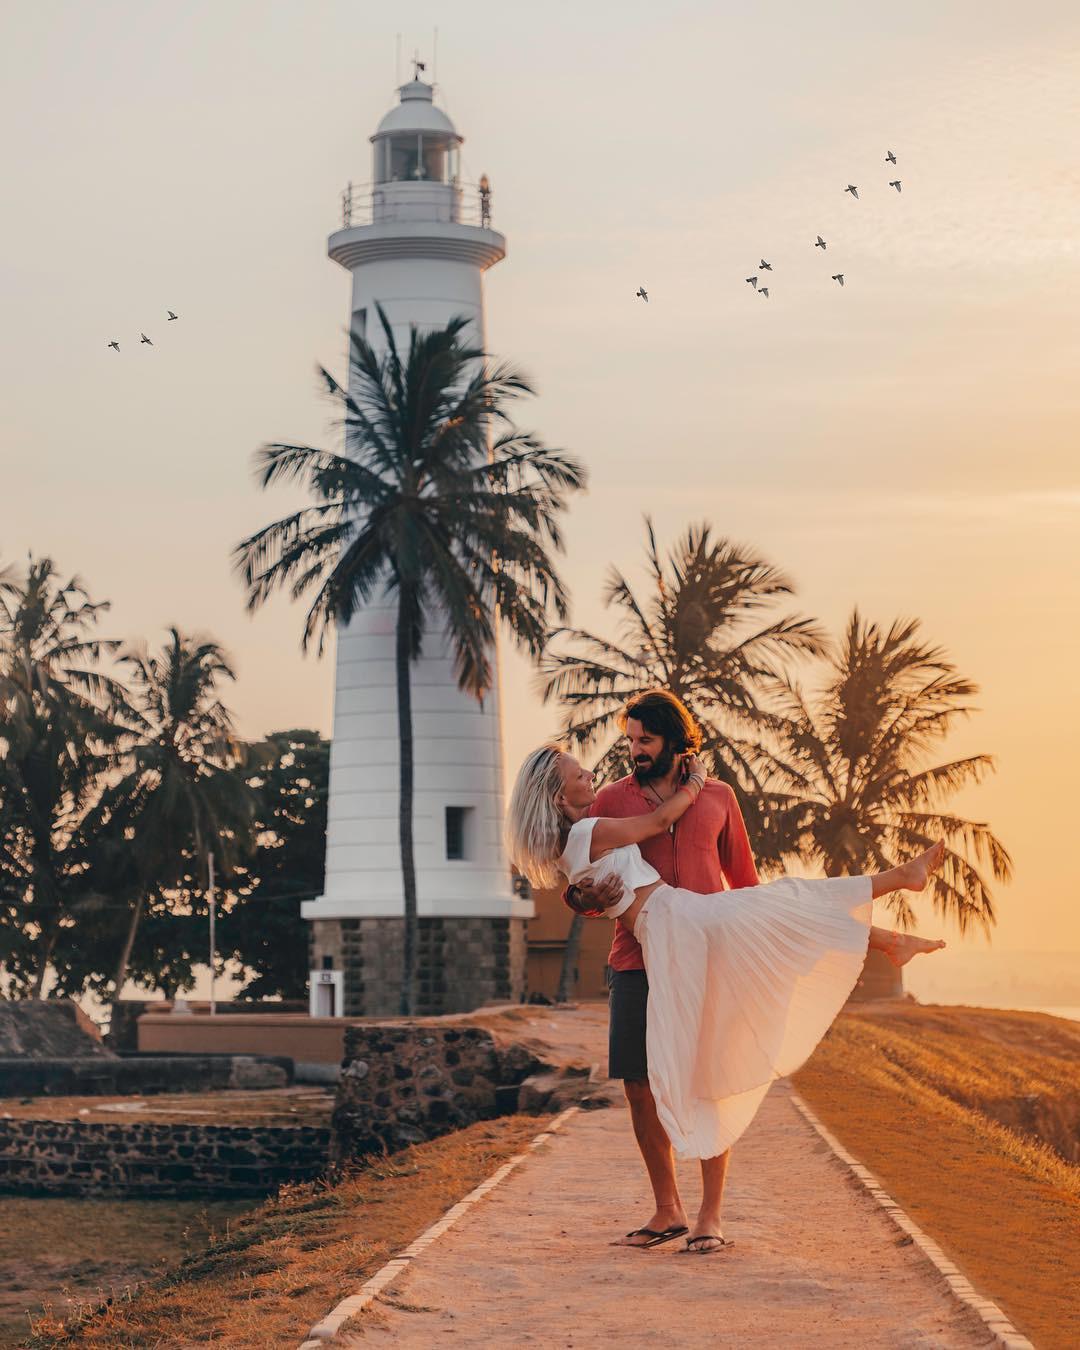 Tạo dáng nguy hiểm khi chụp ảnh du lịch, nhiều cặp đôi travel blogger nổi tiếng bị dân mạng ném đá kịch liệt - Ảnh 3.